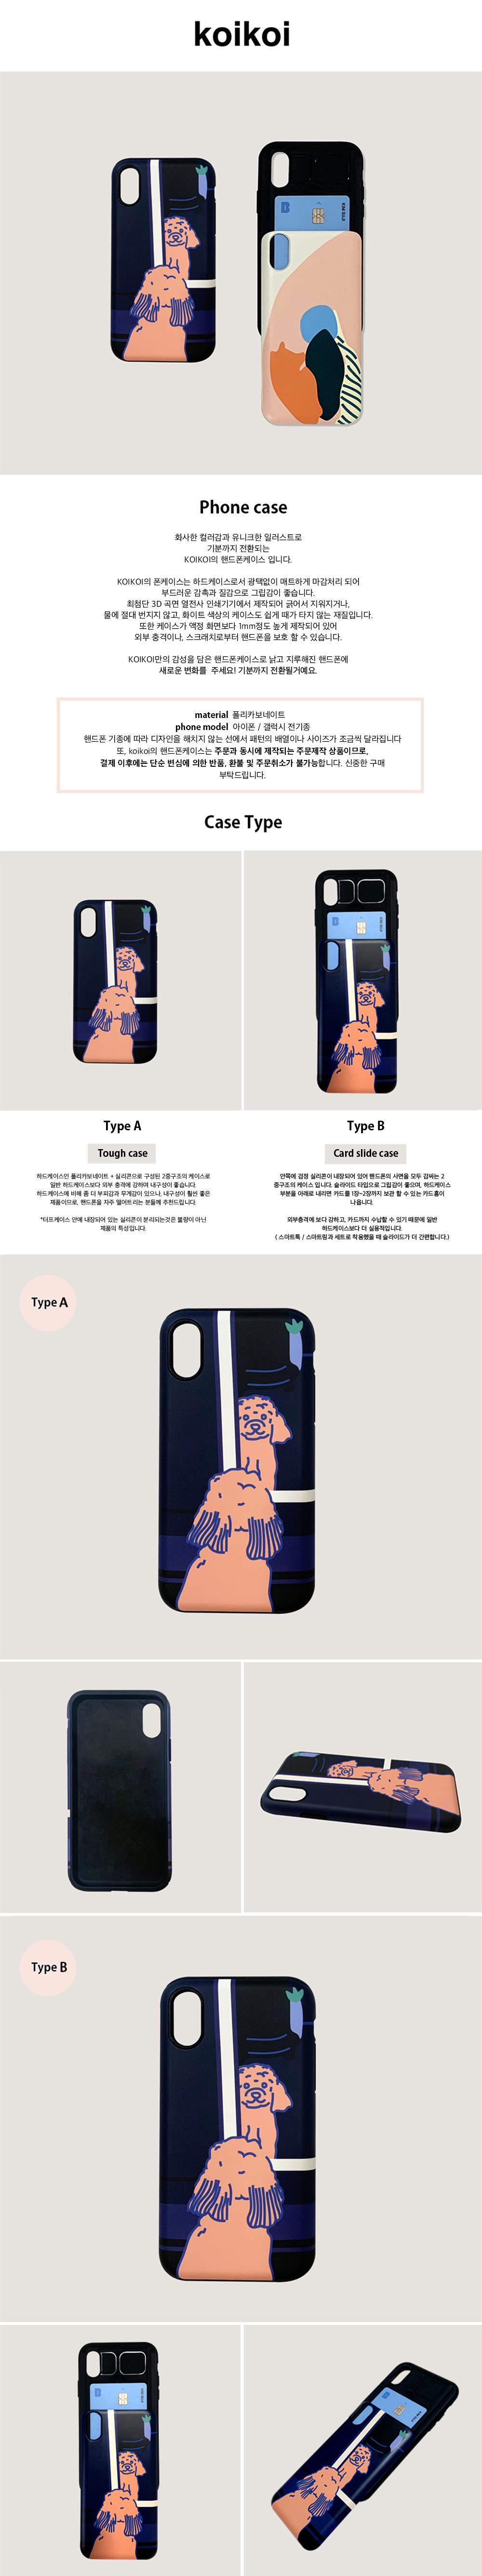 (터프-카드수납) Doggie in the mirror phone case - 코이코이, 30,000원, 케이스, 아이폰XS